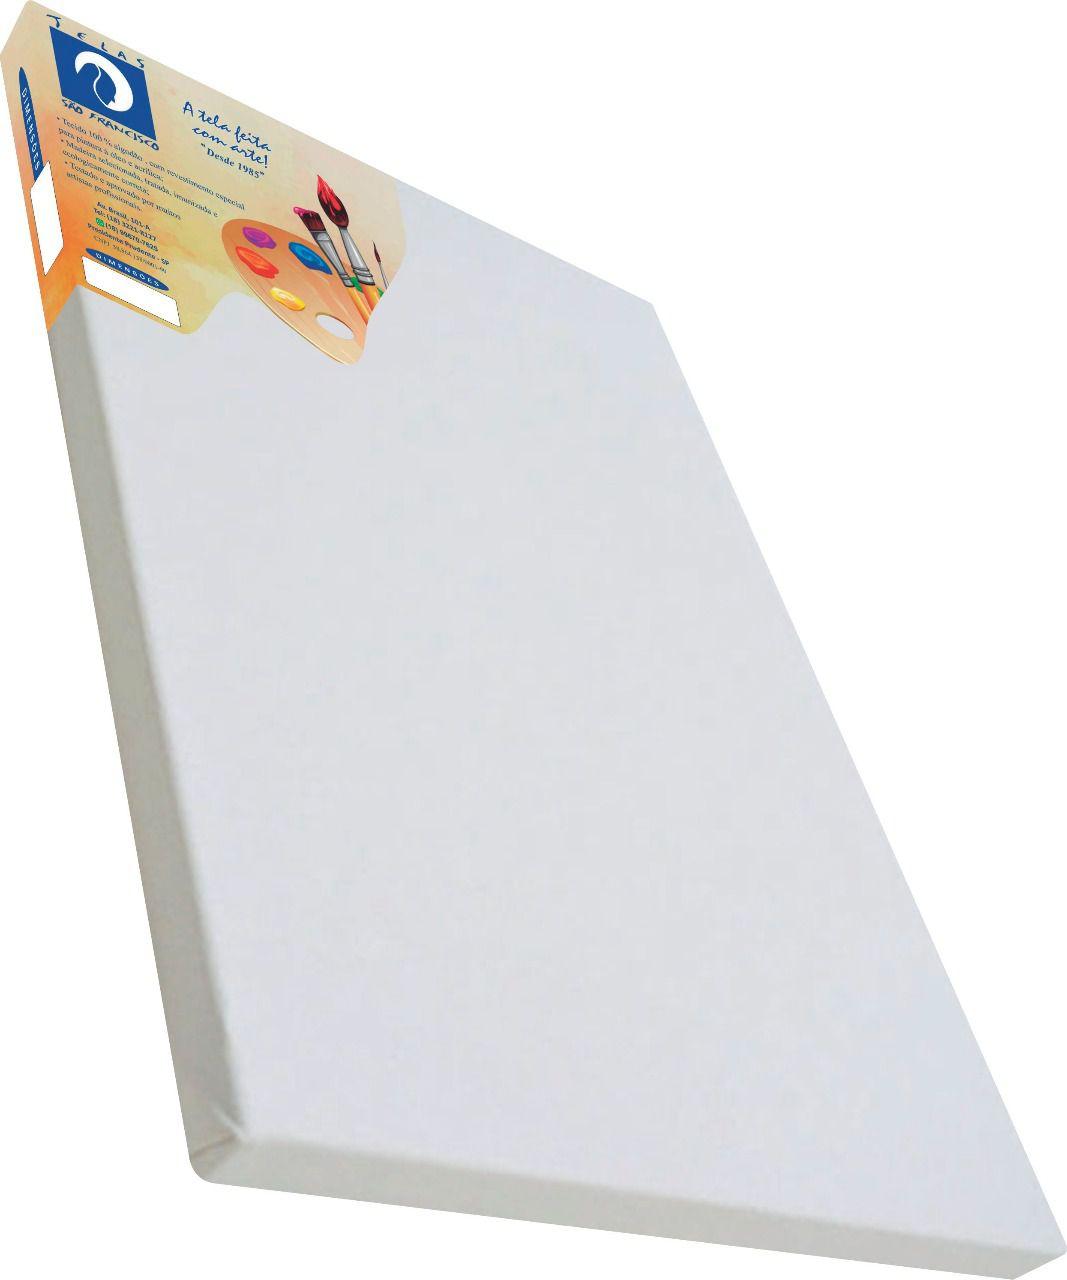 Tela painel para pintura 12x30cm - São Francisco